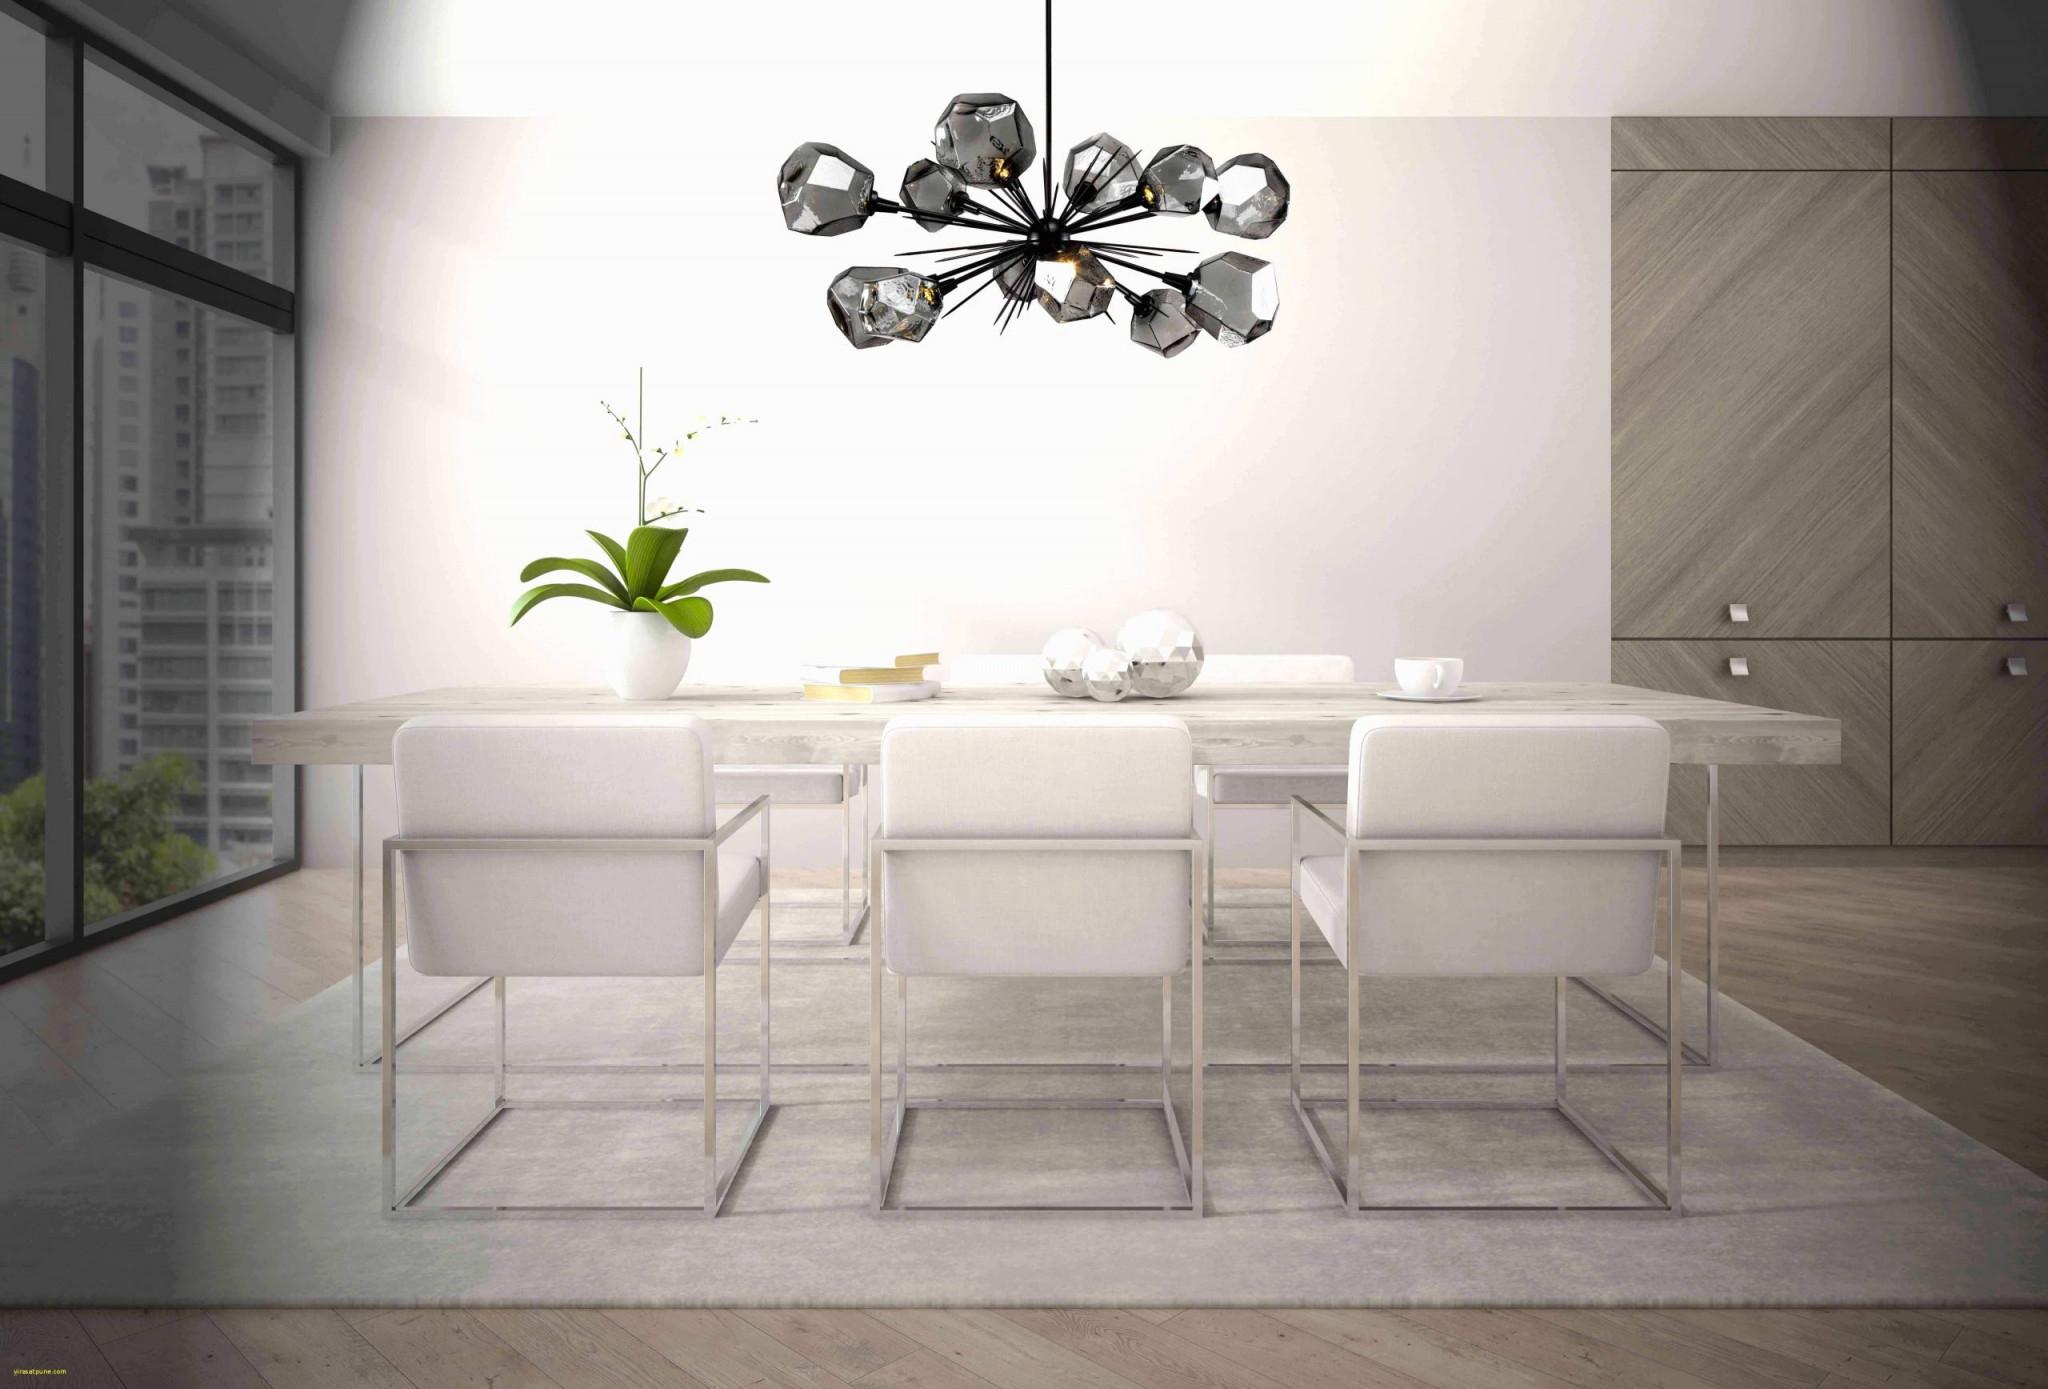 35 Luxus Wohnzimmer Deckenleuchte Modern Reizend von Wohnzimmer Deckenlampe Modern Bild